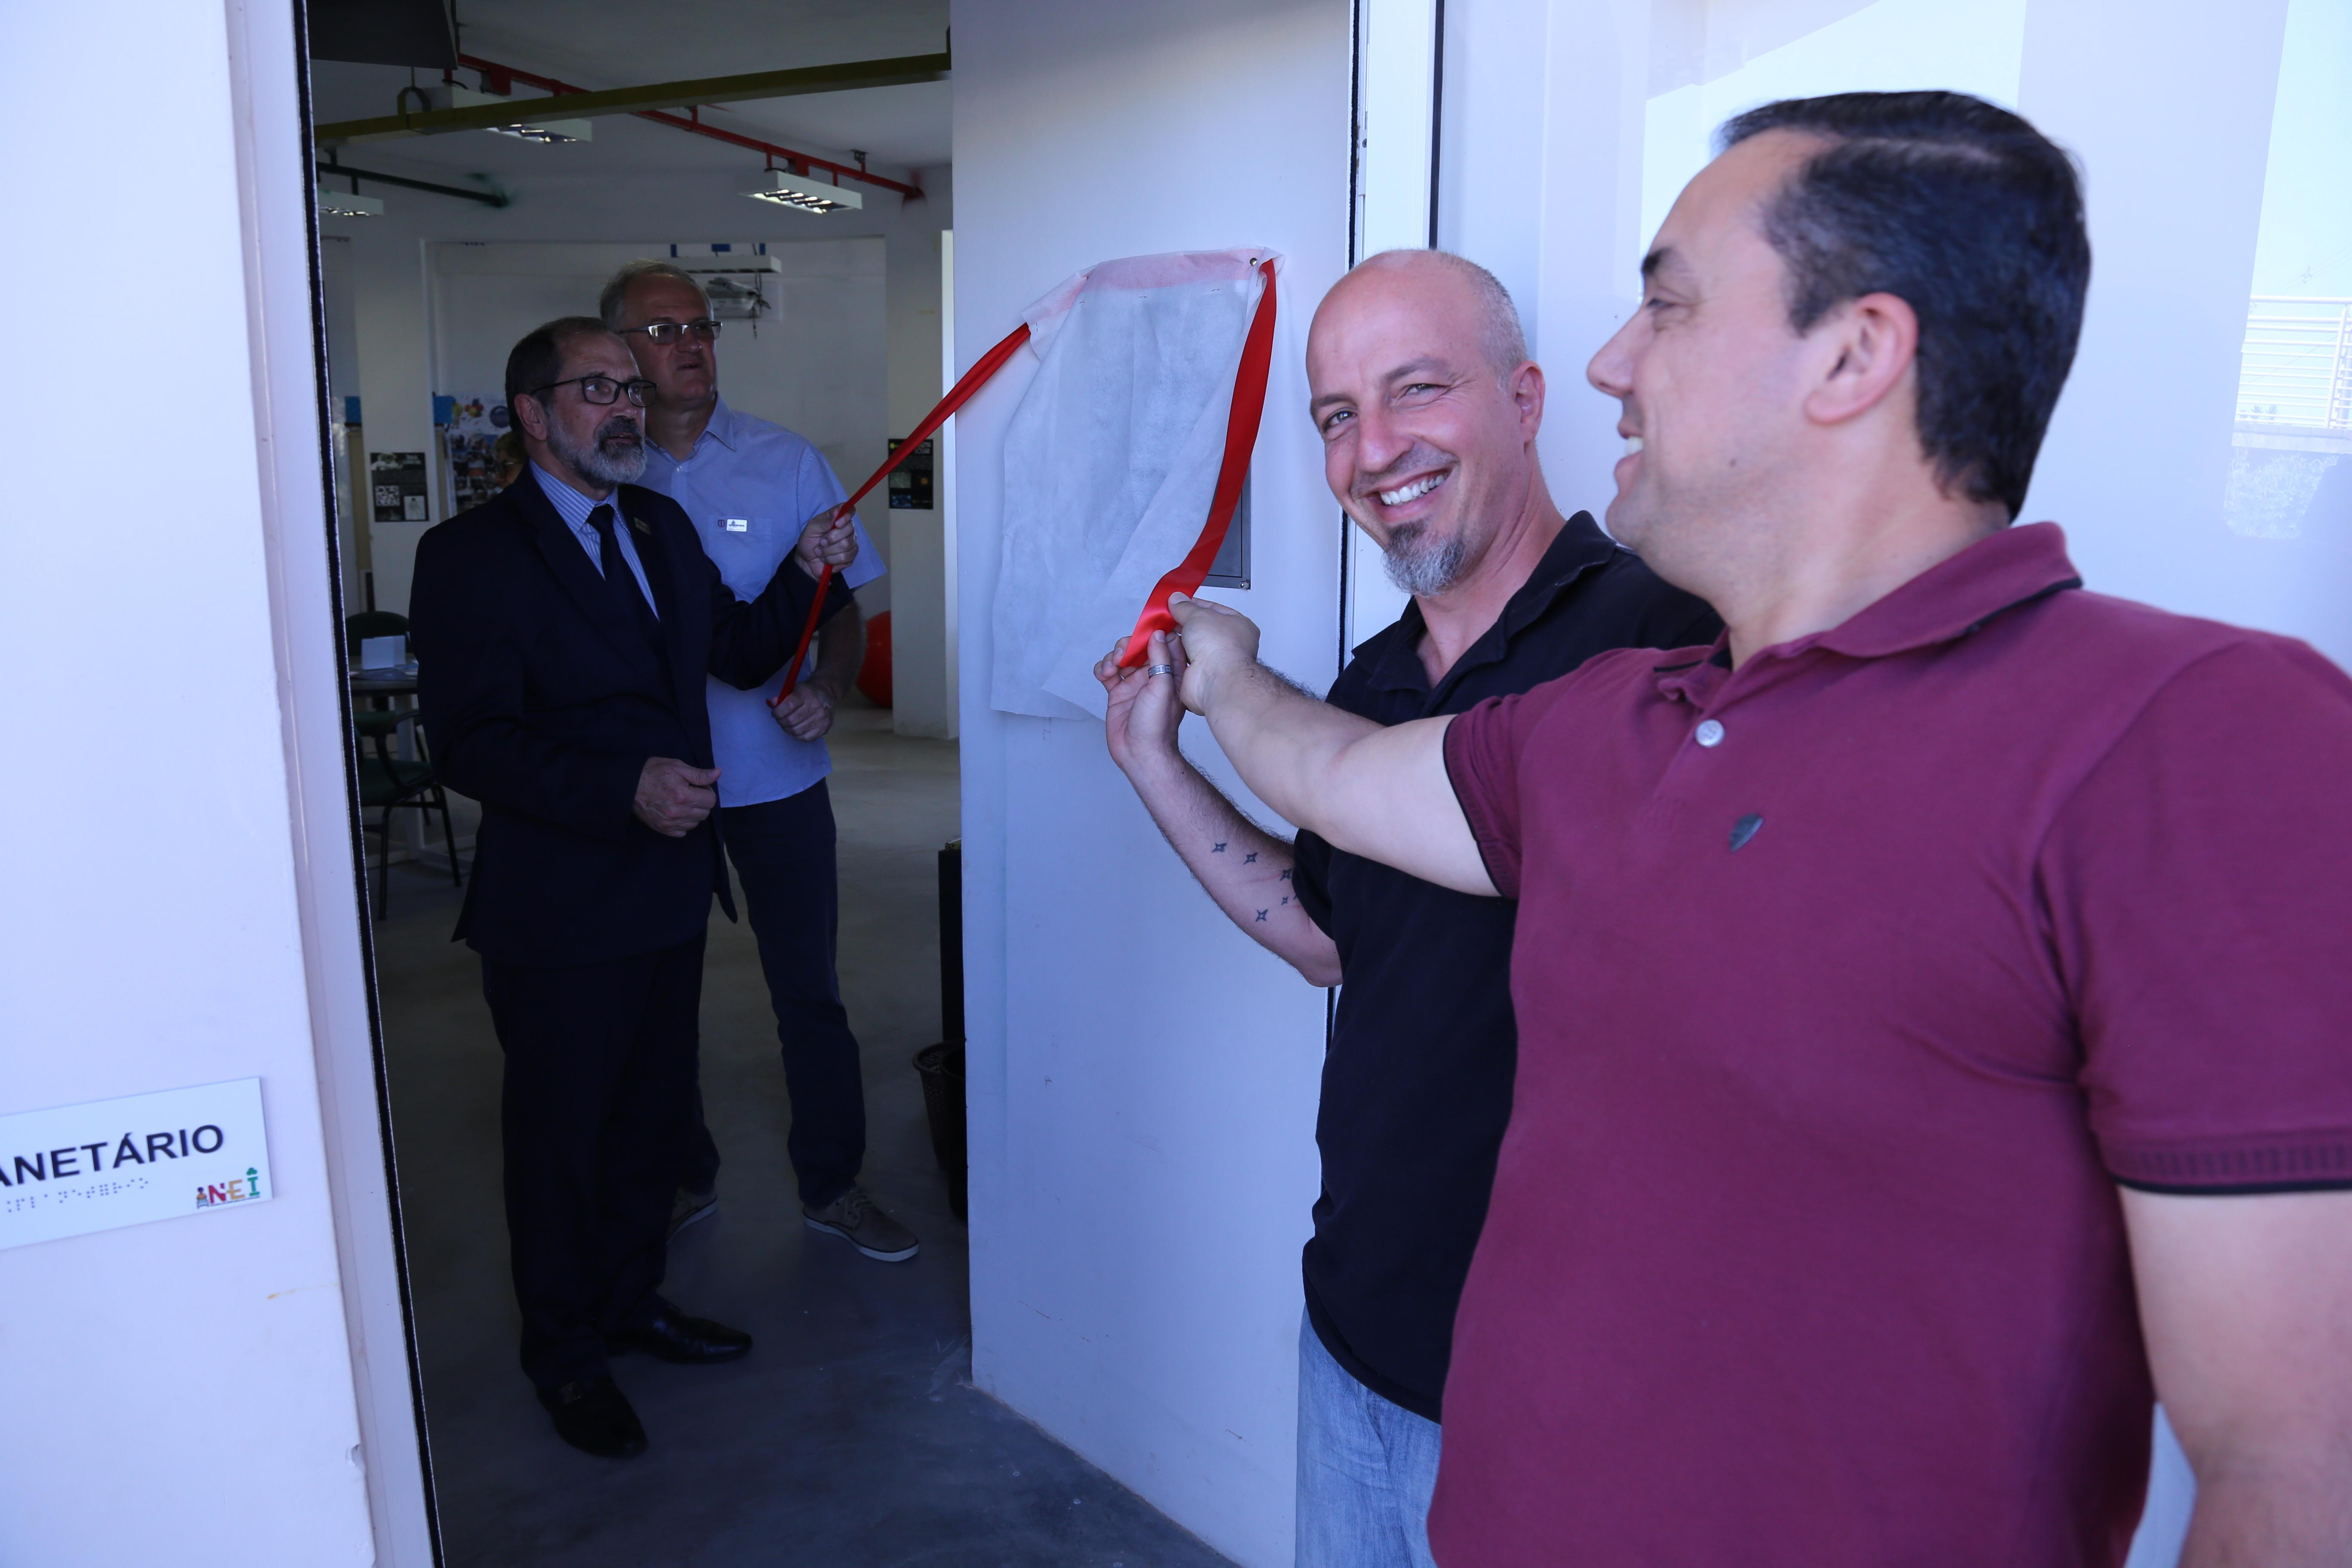 Aposição de Placa do Planetário da Unipampa - Foto: Manoel Abreu/Unipampa